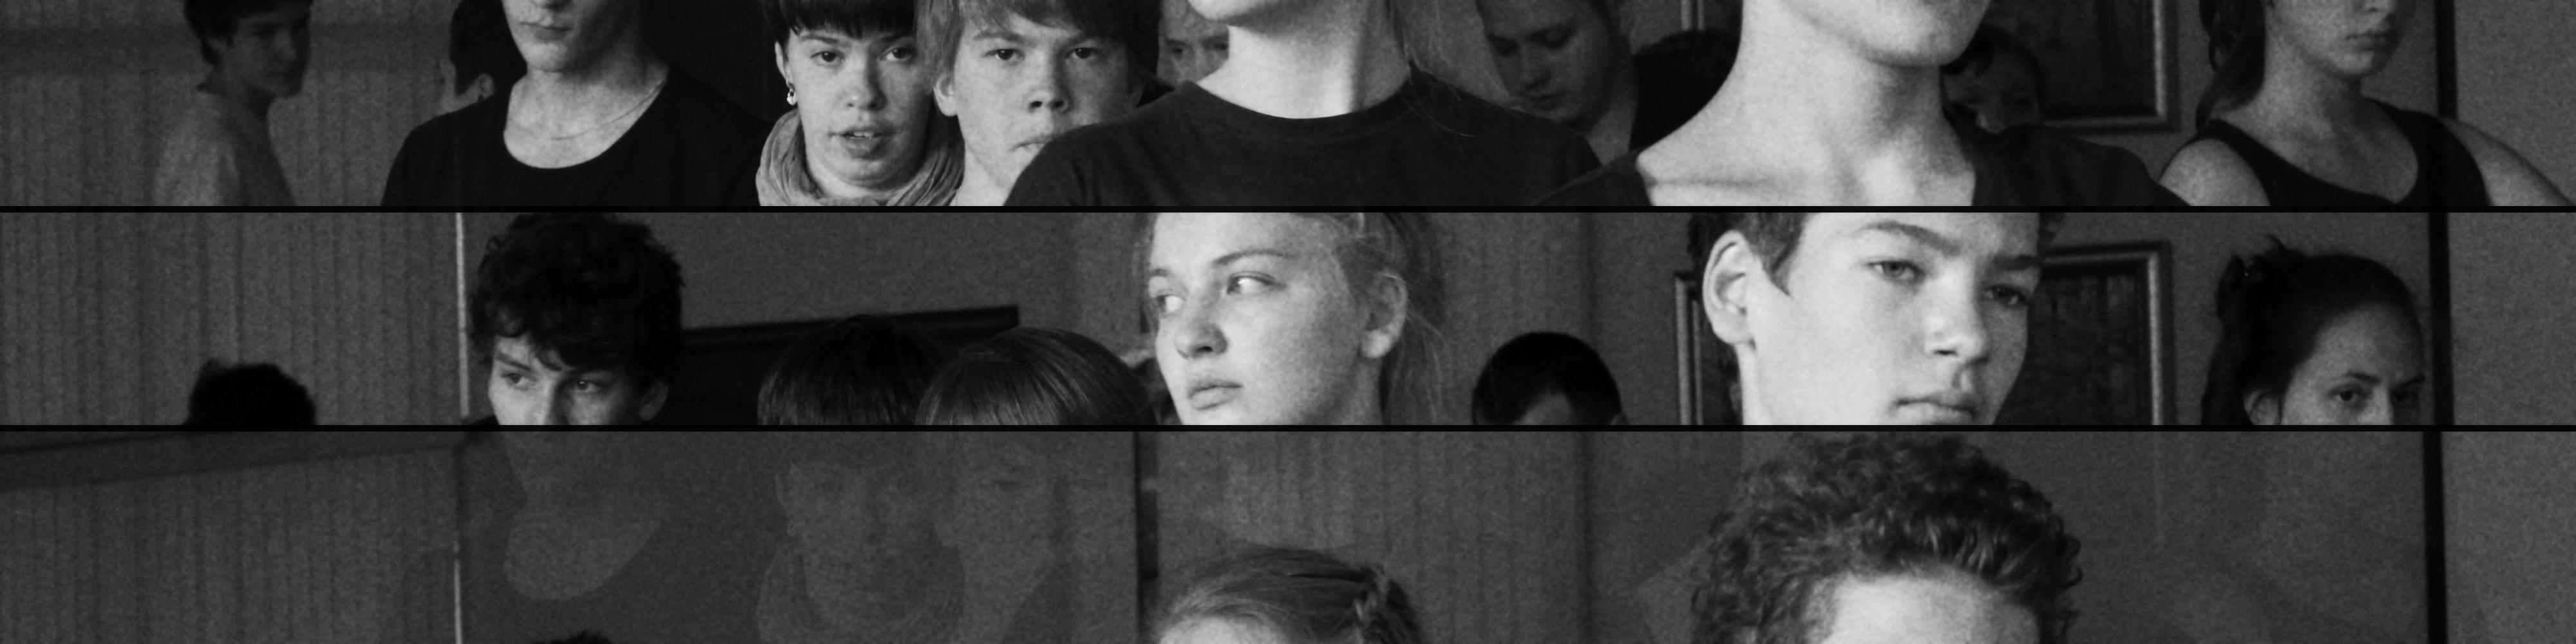 лица исполнителей - лица всякого человека